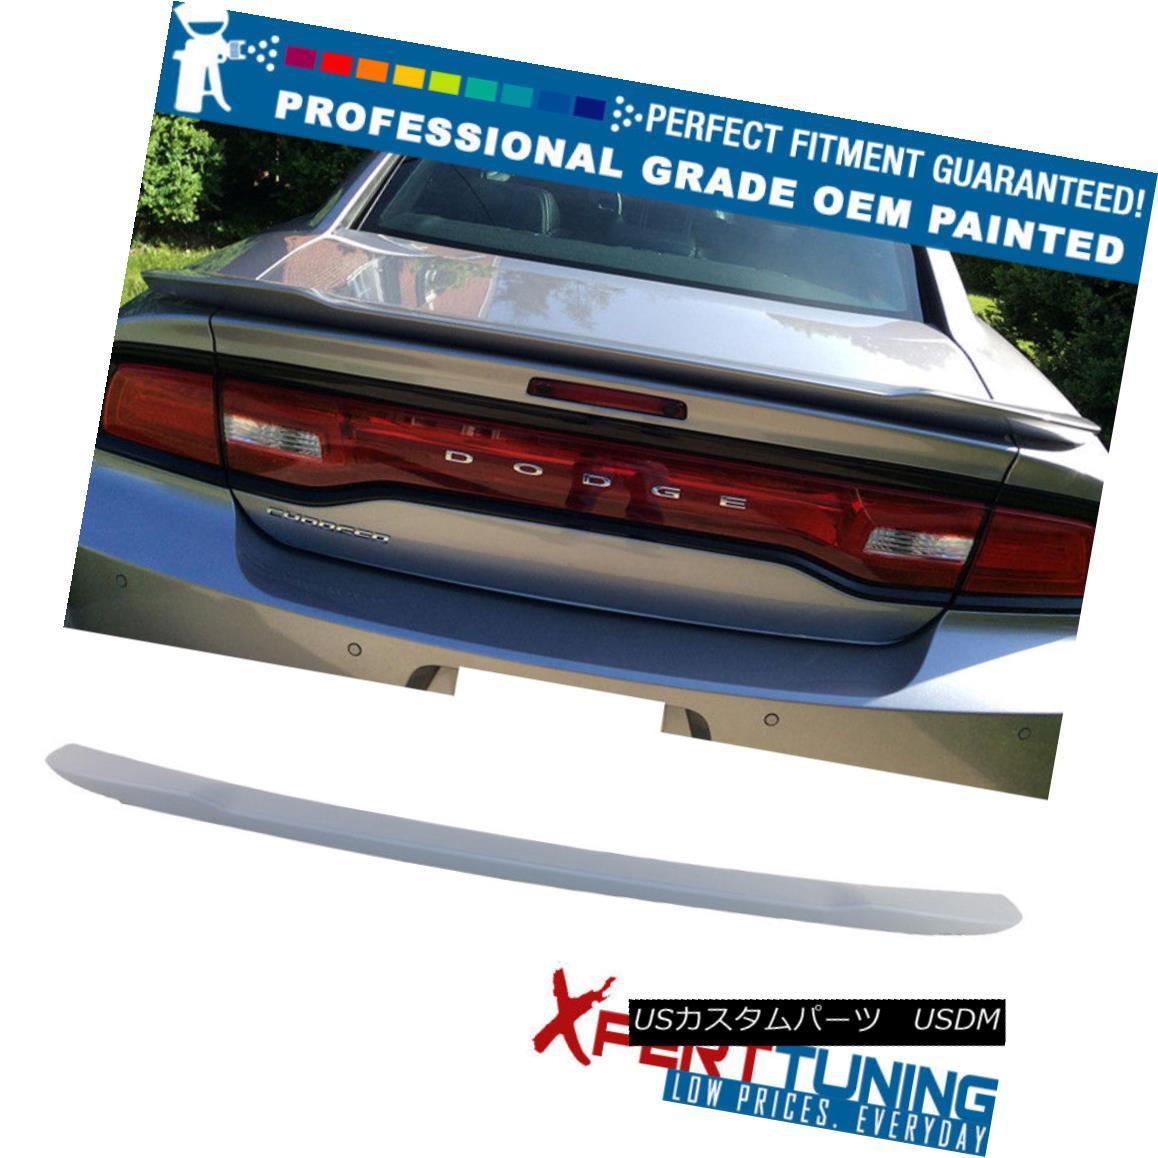 エアロパーツ Fits 15-18 Dodge Charger SRT8 Hellcat Painted Trunk Spoiler - OEM Painted Color 15-18ダッジチャージャーSRT8 Hellcatペイントトランクスポイラー - OEM塗装カラーに適合